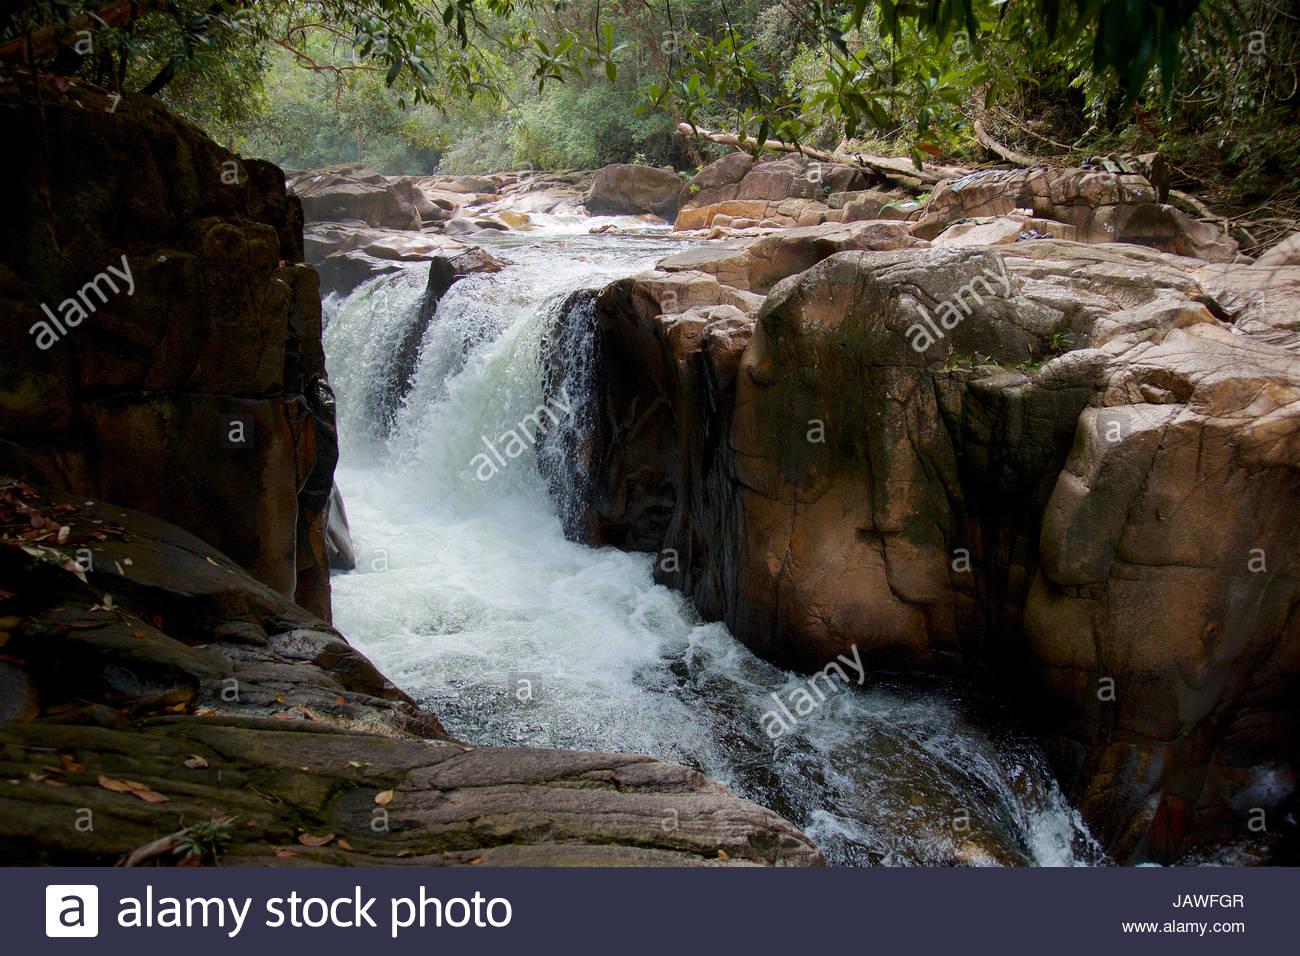 Riam Parit, o il canale scende, un insolito cascata slot sulla parte superiore del Fiume Siduk. Immagini Stock